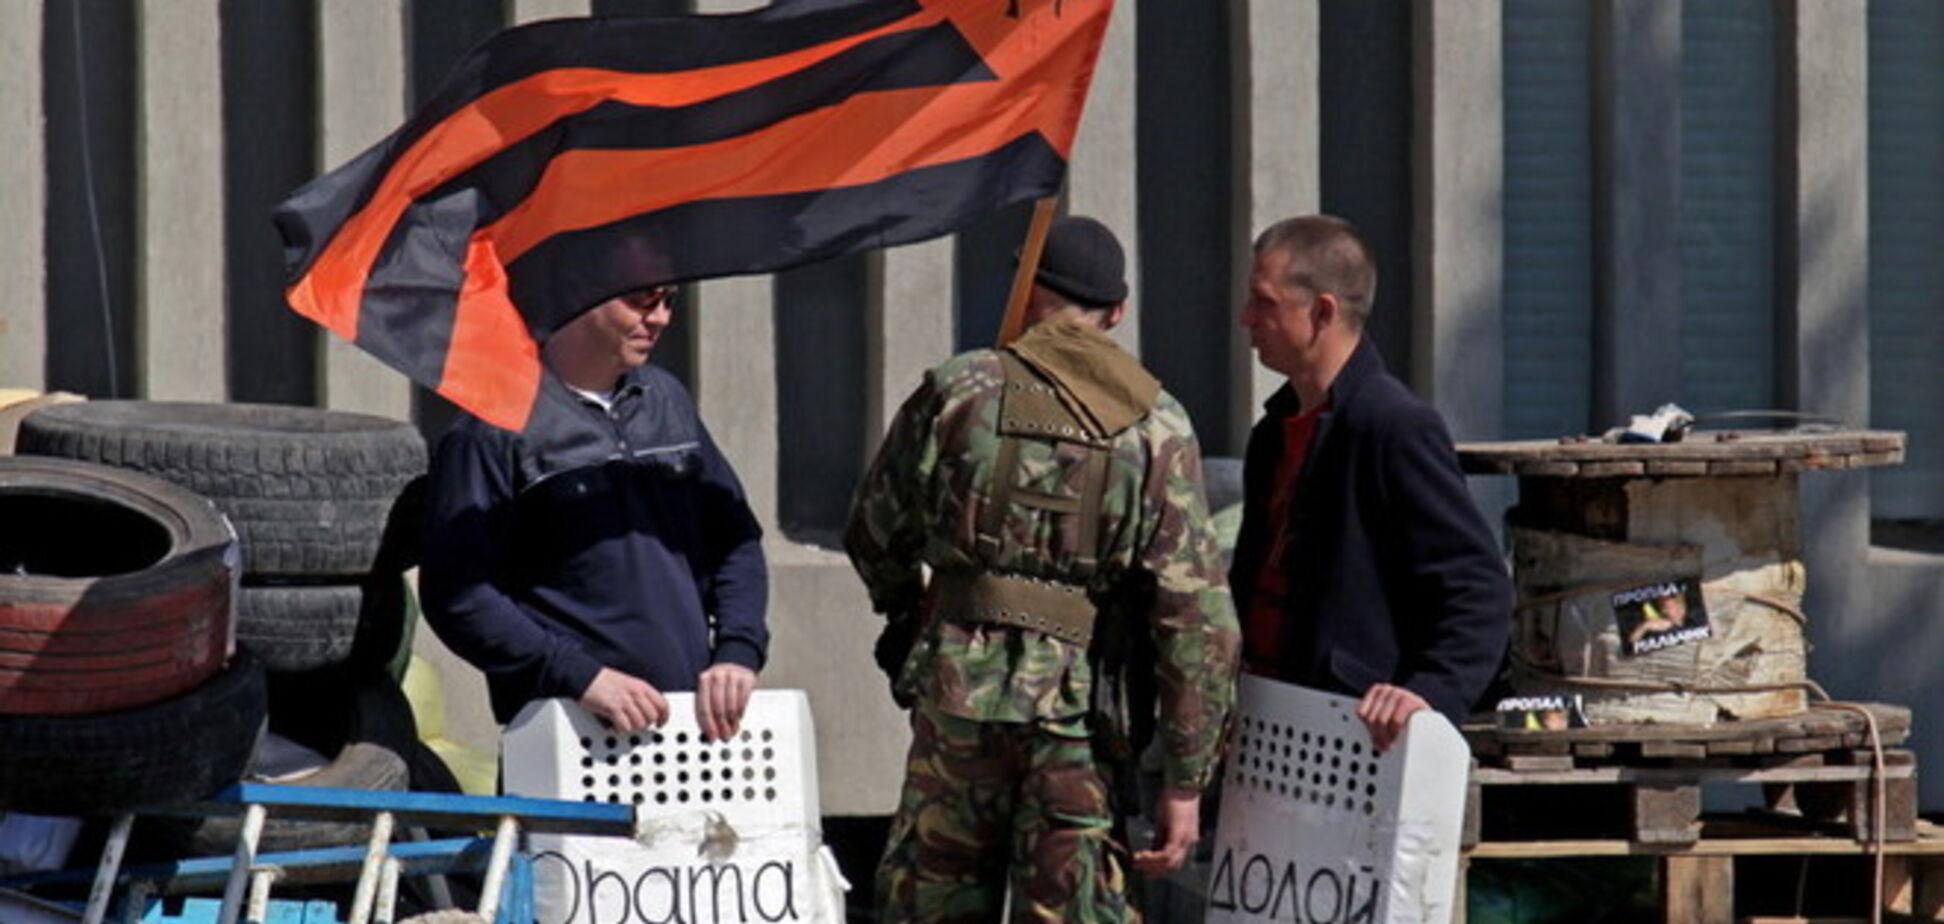 Як НЕ програті Громадянська войну Владіміру Путіну?